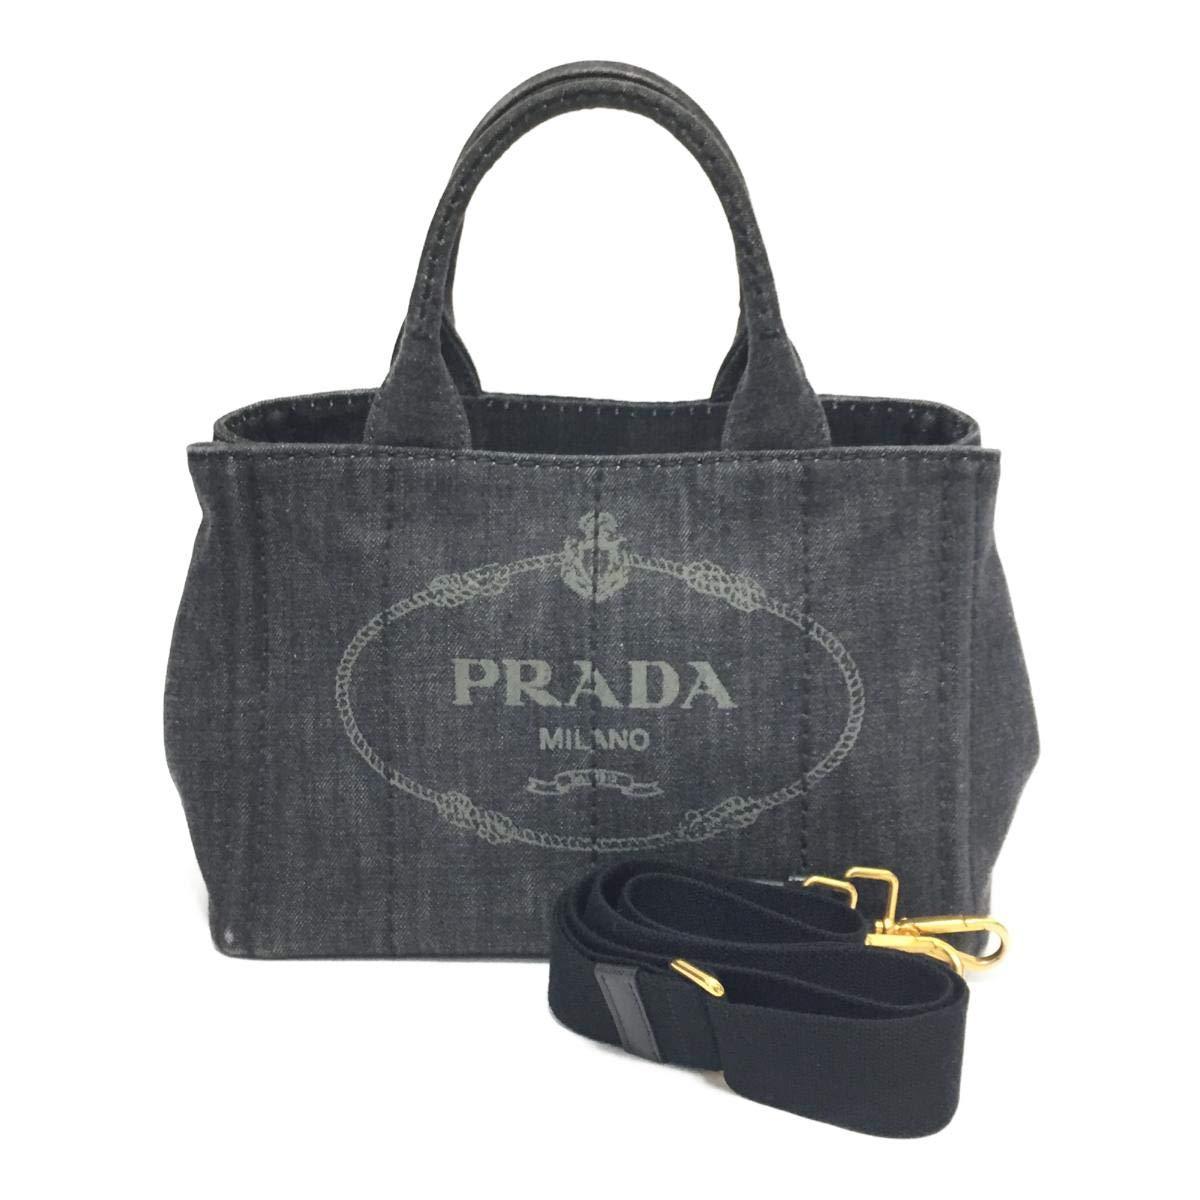 [プラダ] PRADA カナパトート 2wayショルダーバッグ グレー キャンバス B2439G [中古]   B07RKGHN3X